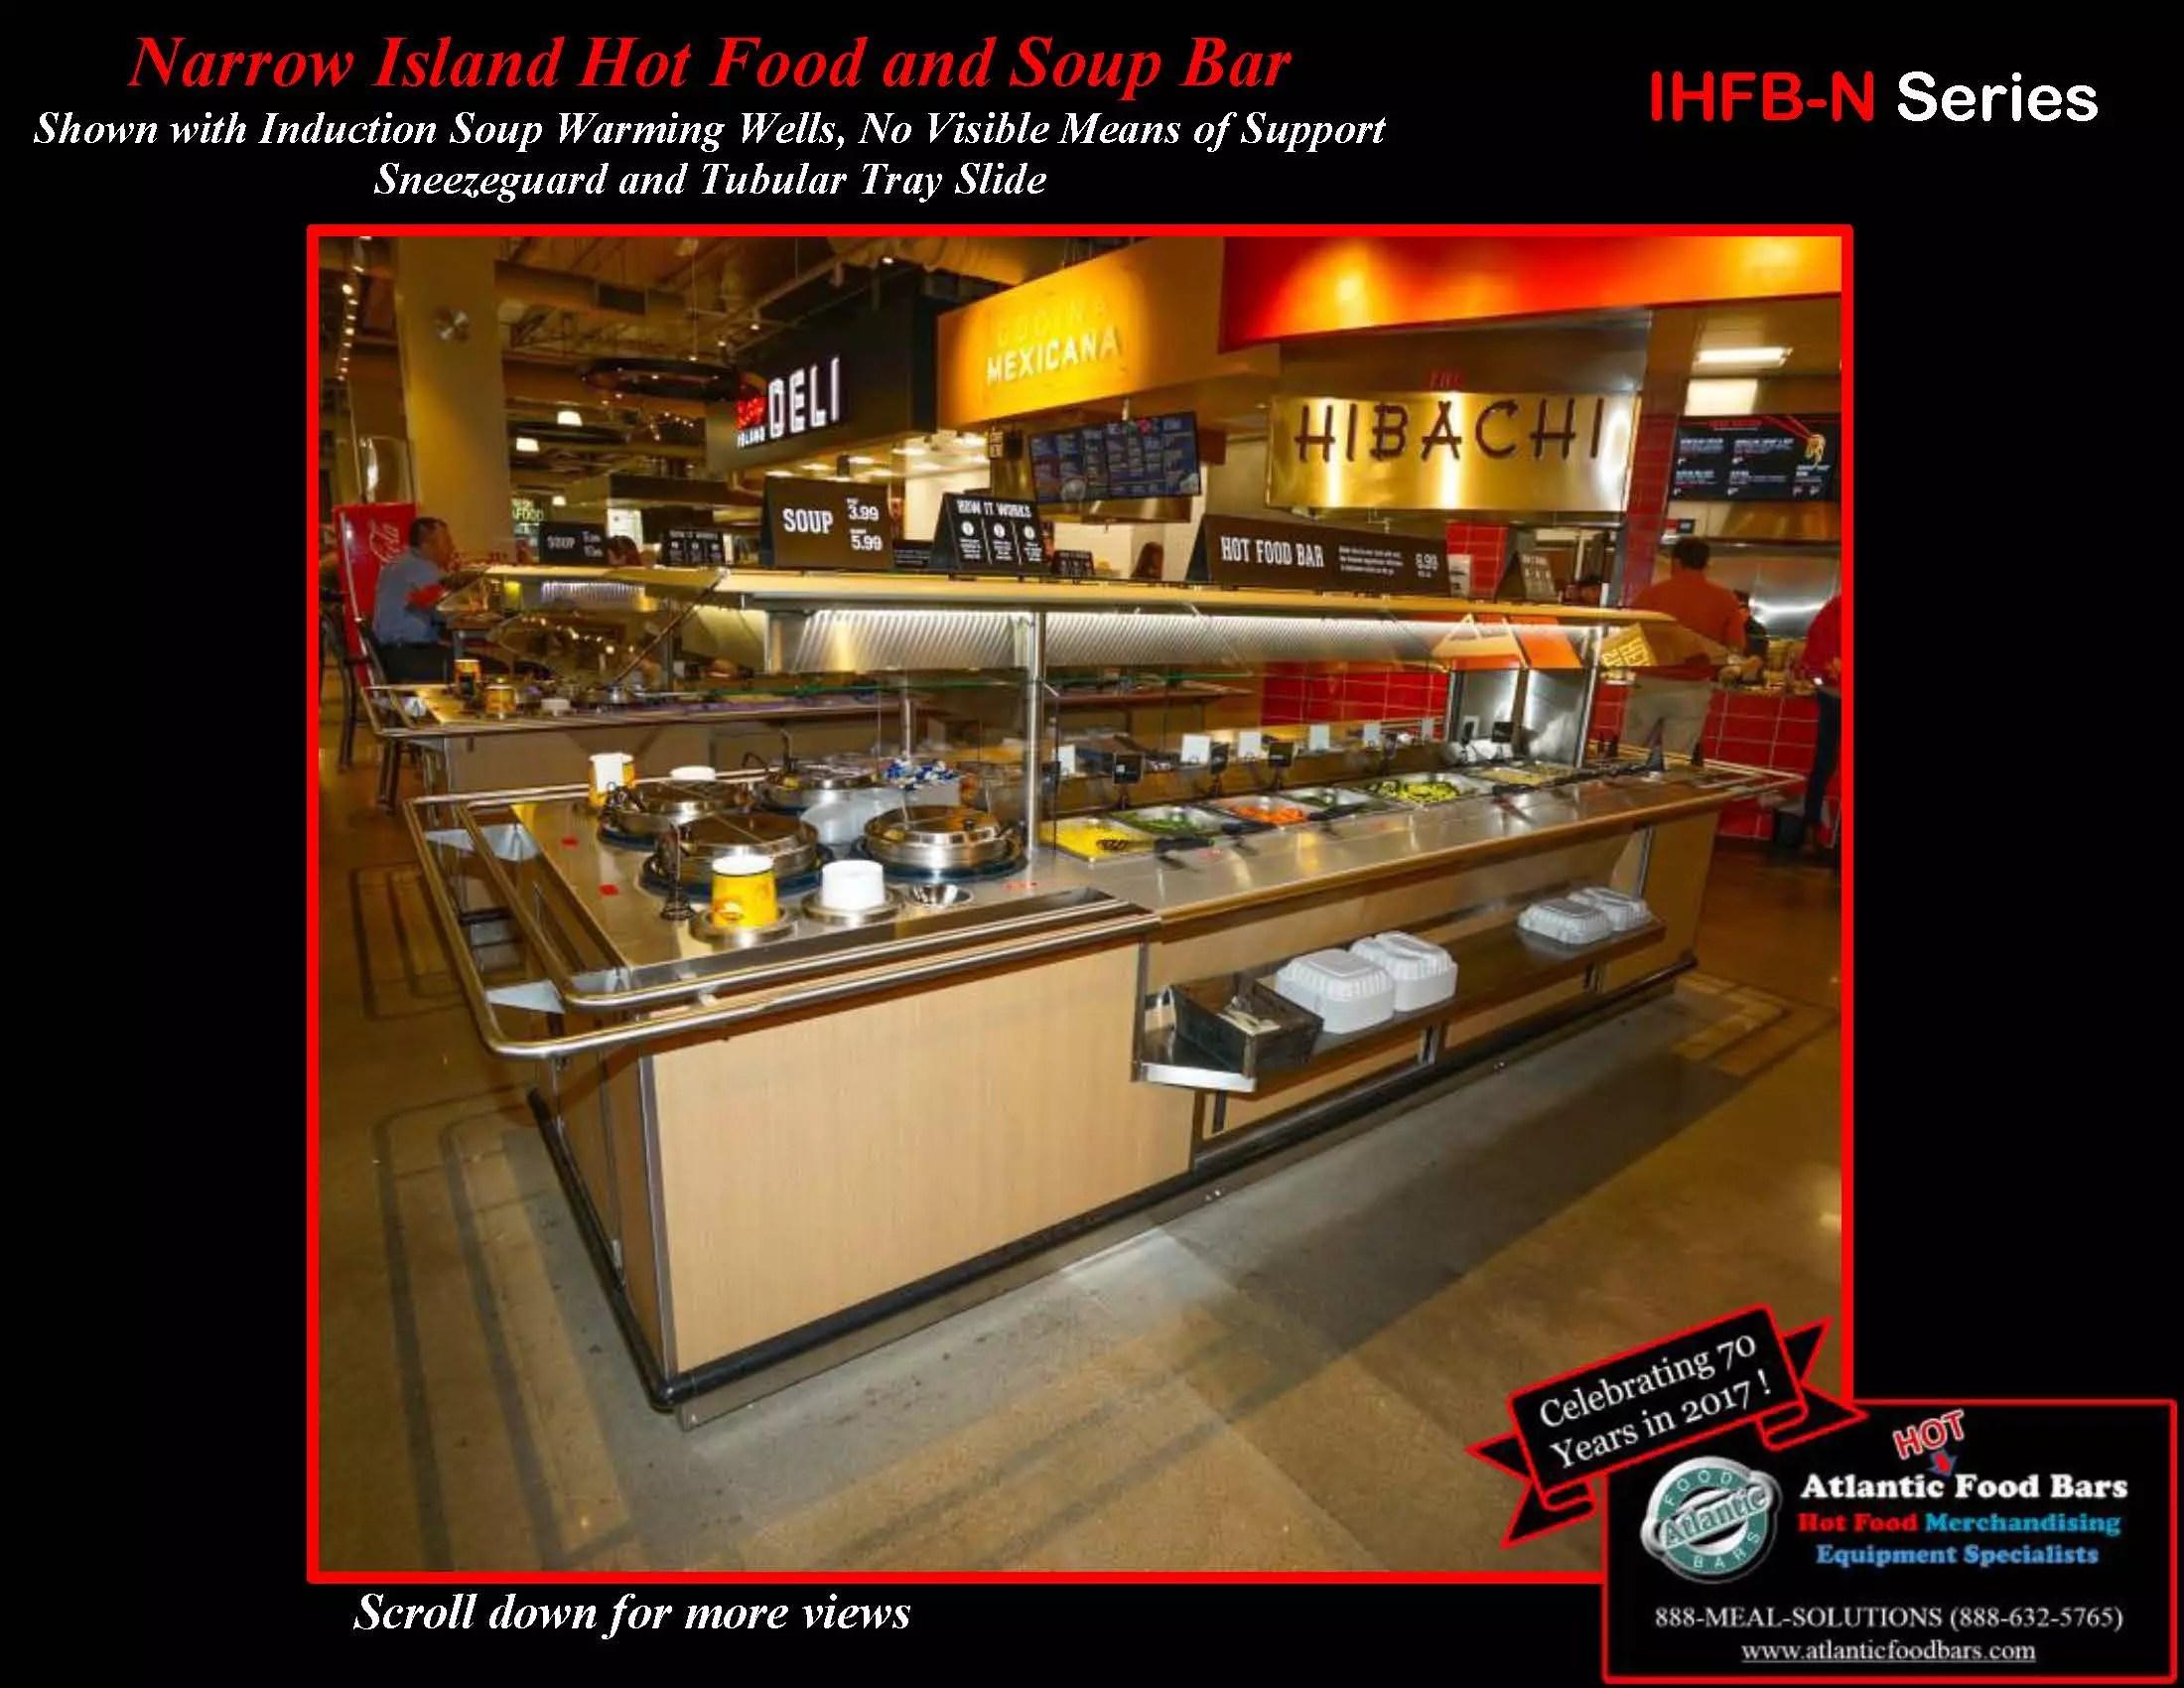 Atlantic Food Bars - Narrow Island Hot Food and Soup Bar - IHFB-N